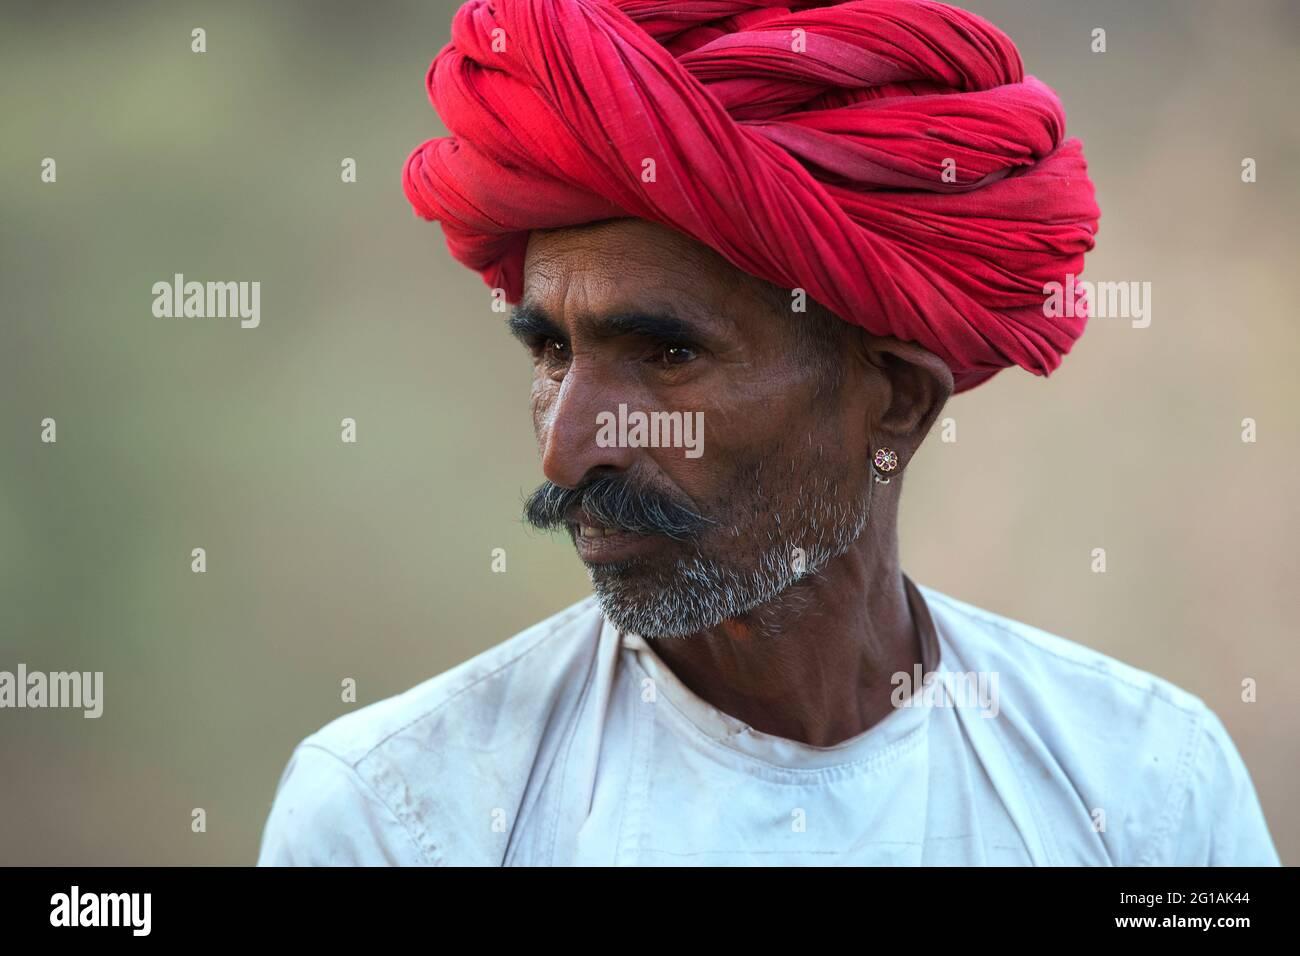 L'image de Berger ou de Rabari a été prise à Bera, Rajasthan, Inde, Asie Banque D'Images